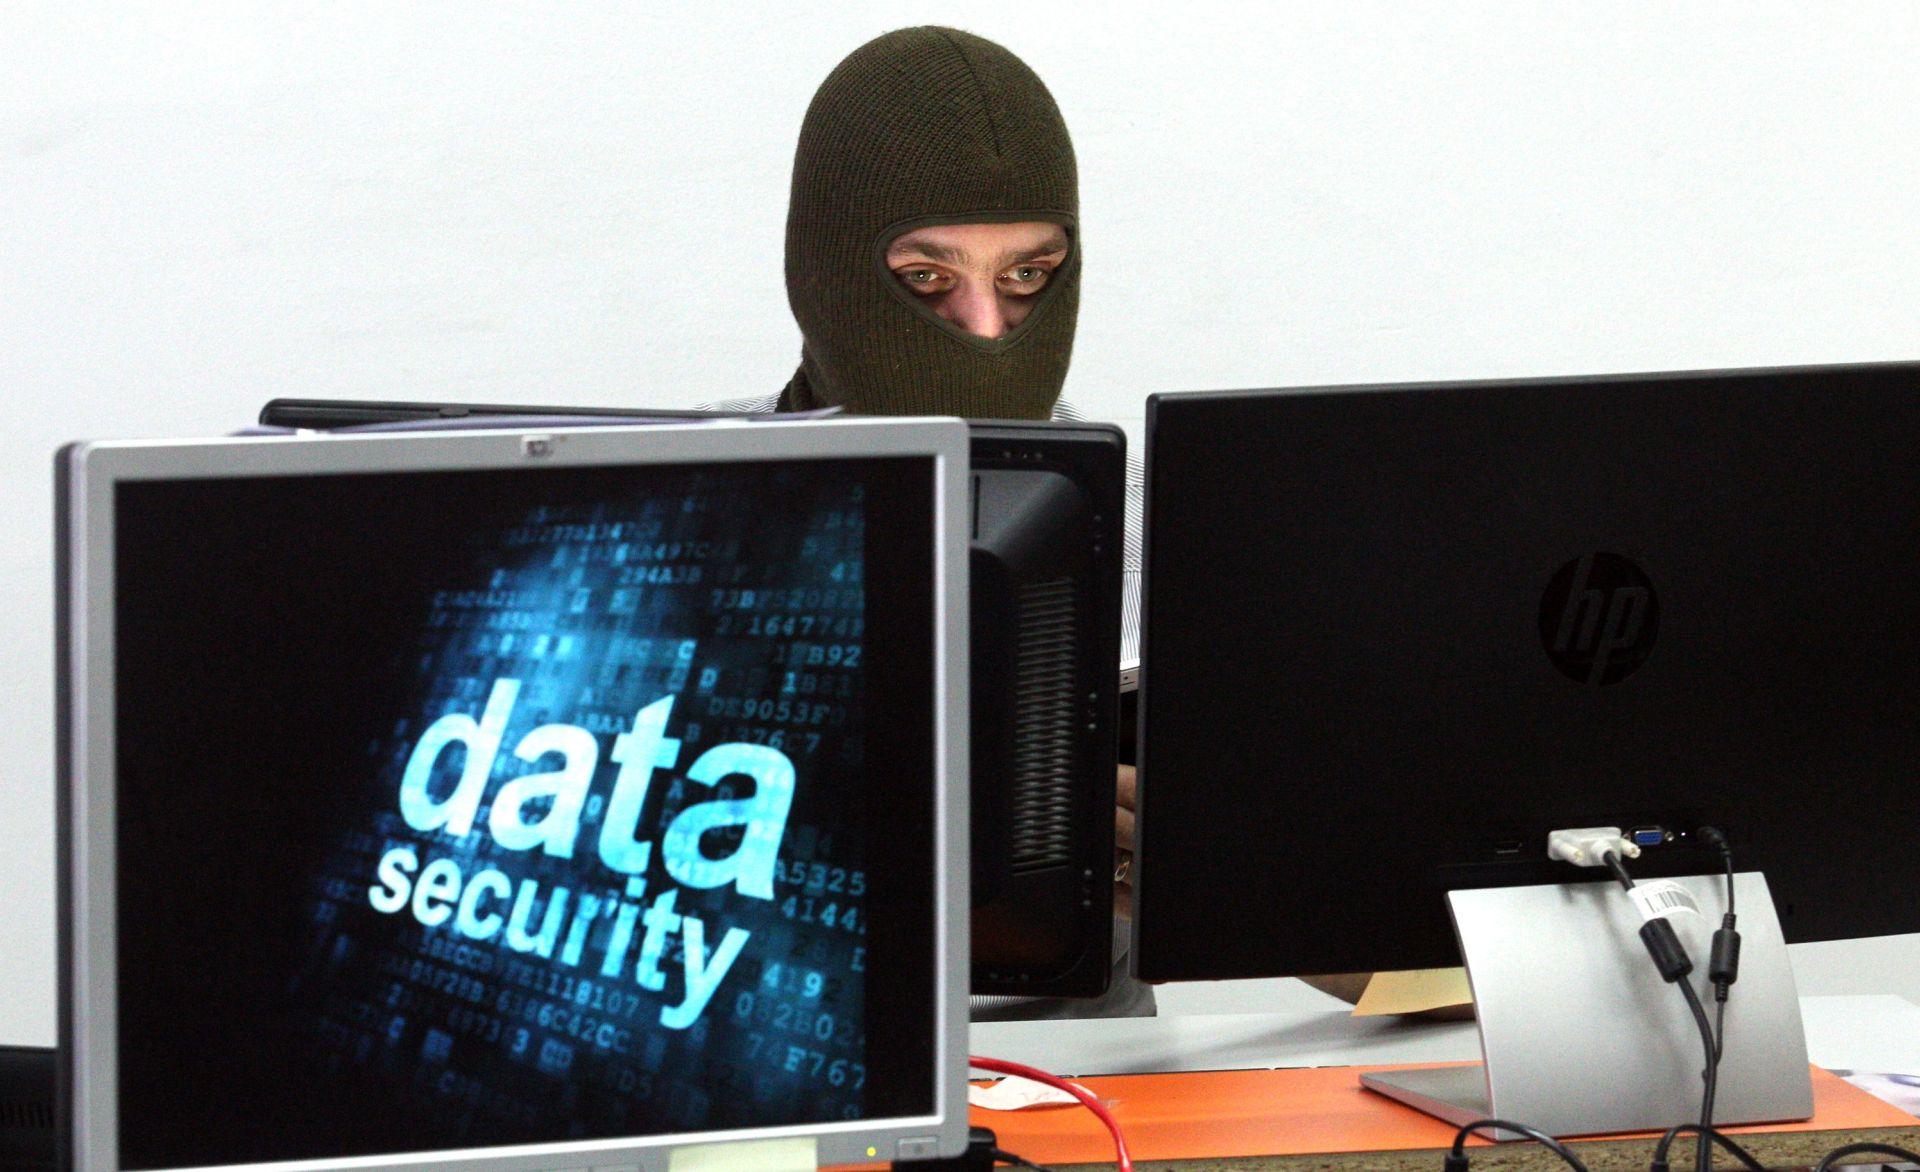 POVLAŠTENE INFORMACIJE U TRGOVANJU DIONICAMA: Američko pravosuđe podiglo optužnice protiv 3 hakera